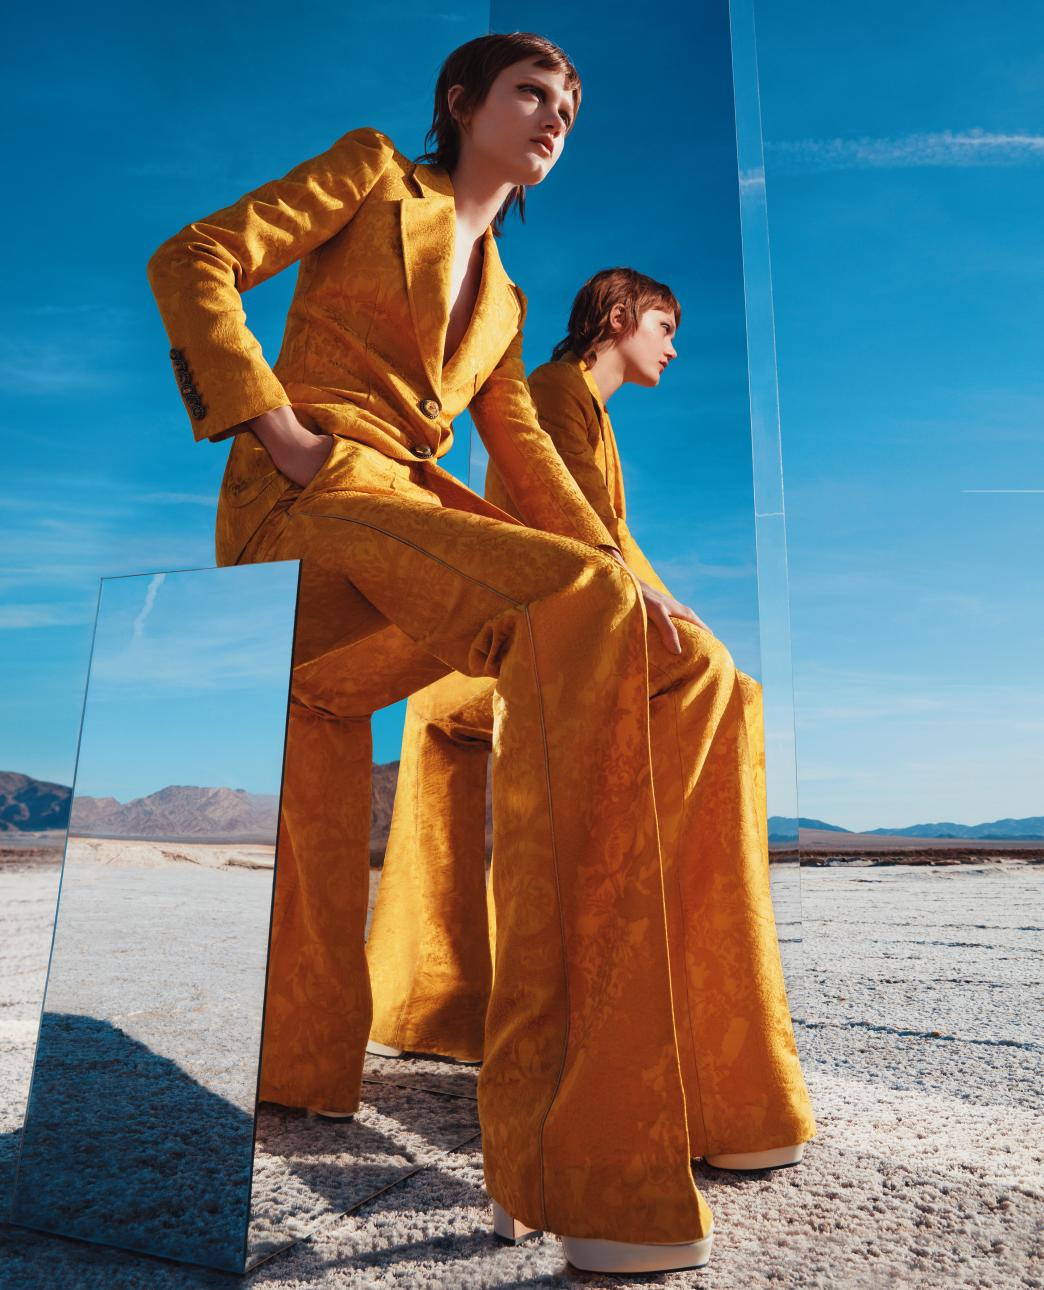 재킷과 팬츠는 Roberti Cavalli, 부츠는 Gucci 제품.